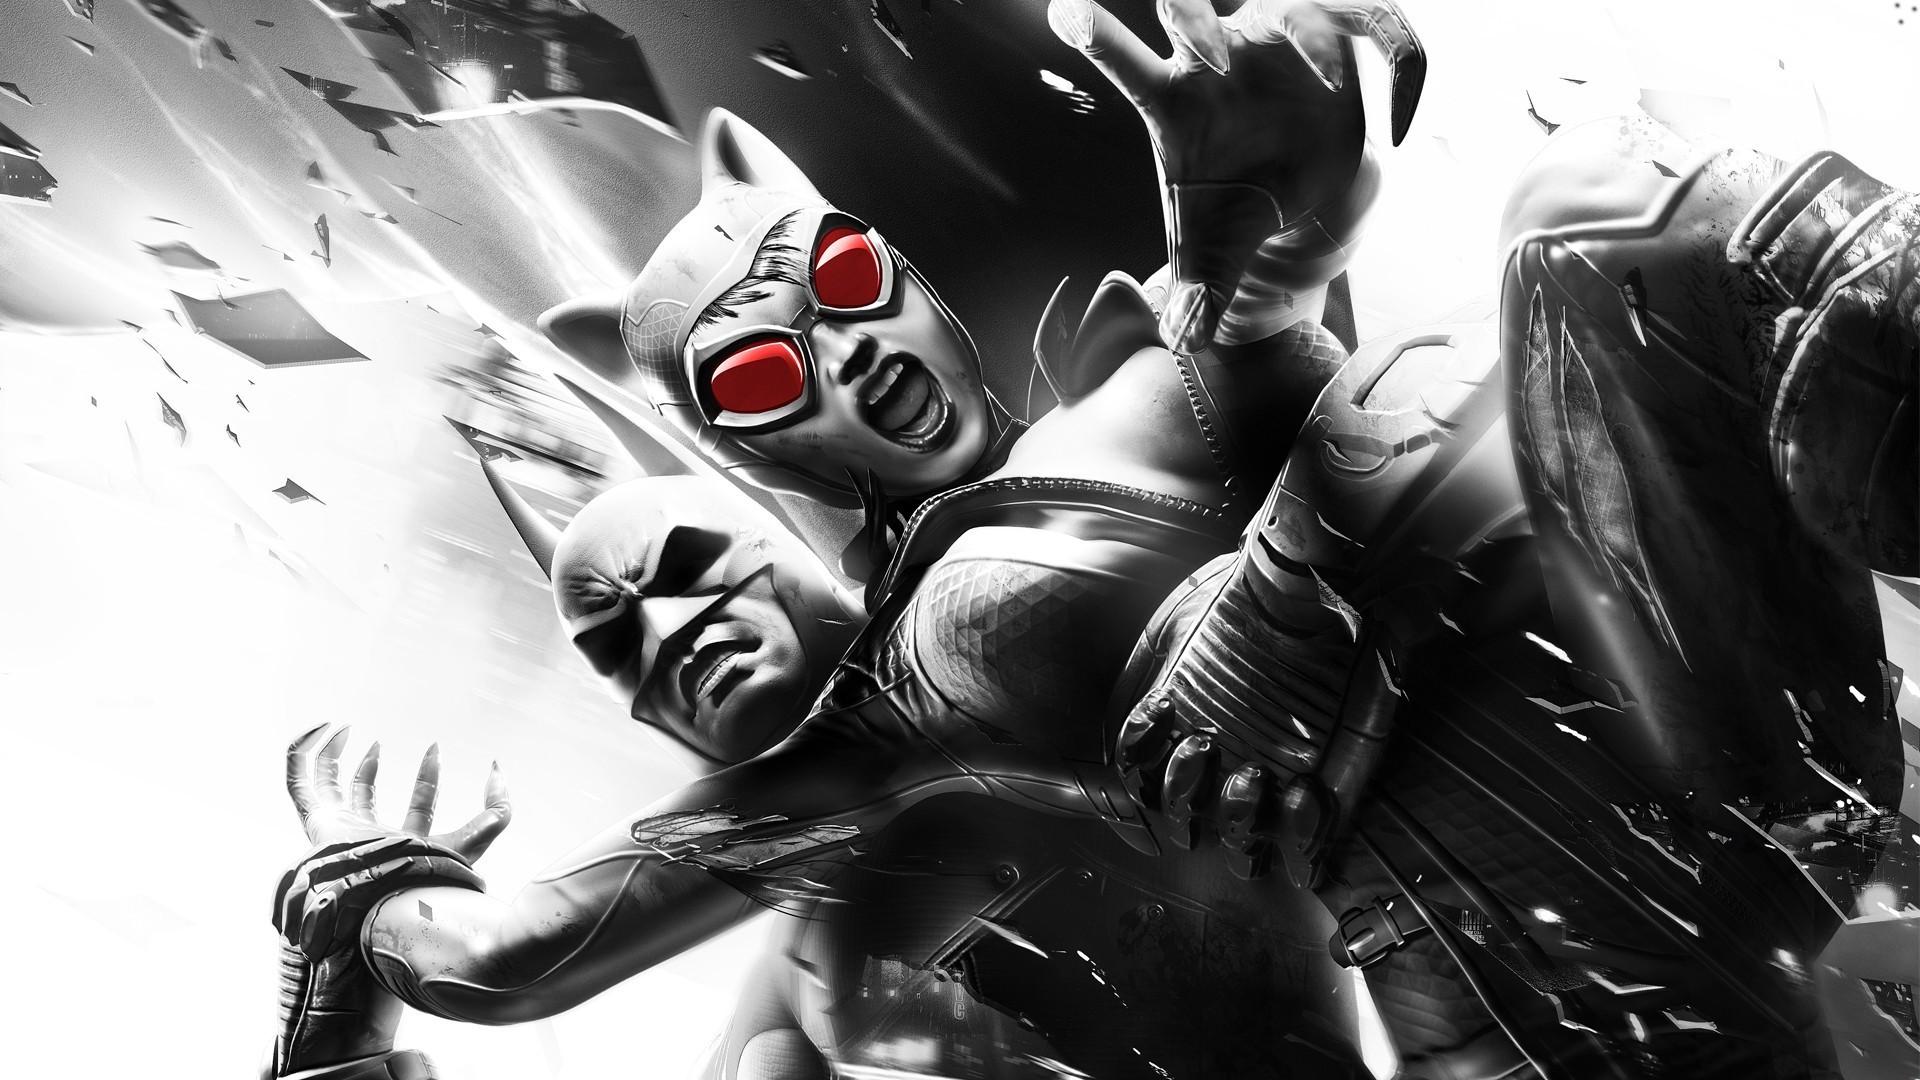 Batman, Joker, Batman: Arkham City, Video Games, Rocksteady Studios, The  Riddler, Harley Quinn, Catwoman Wallpapers HD / Desktop and Mobile  Backgrounds